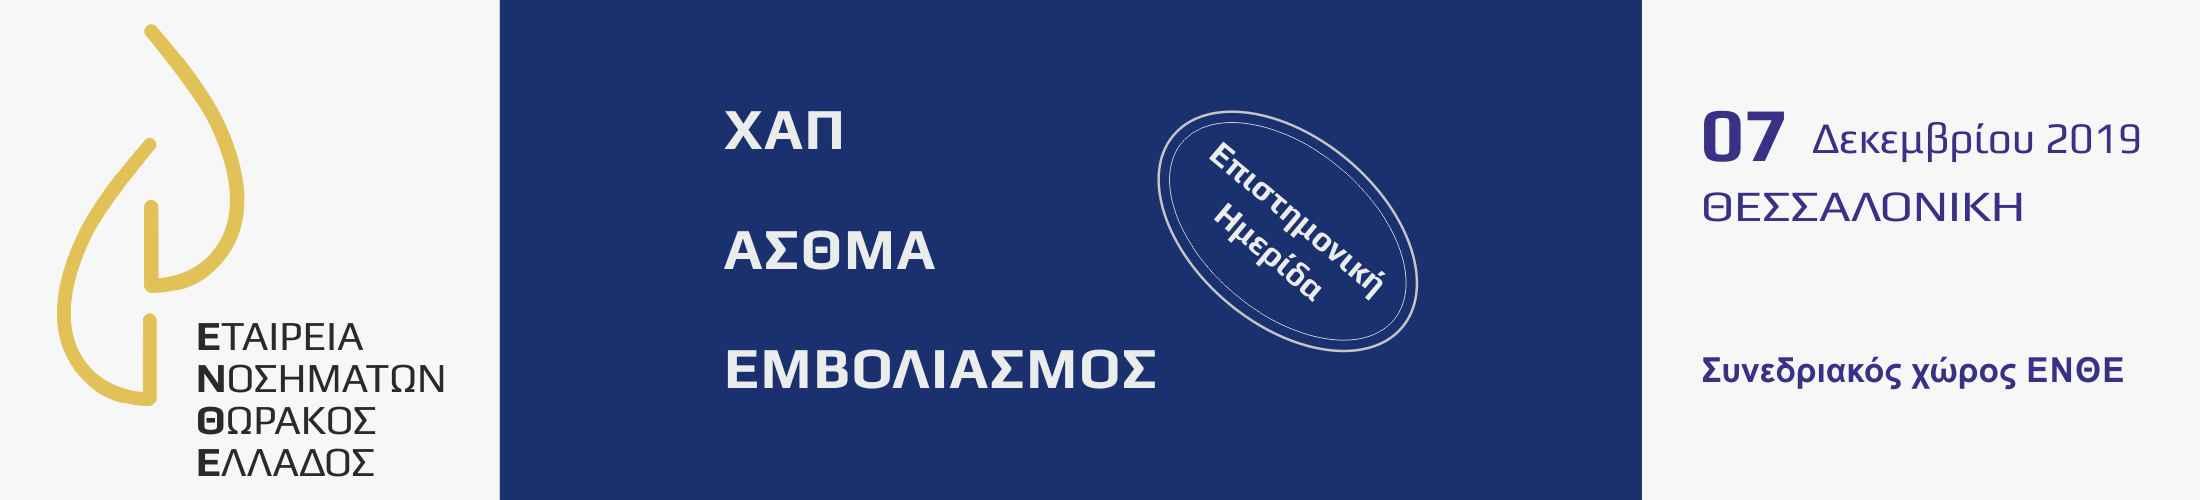 ΧΑΠ - ΑΣΘΜΑ - ΕΜΒΟΛΙΑΣΜΟΣ -1